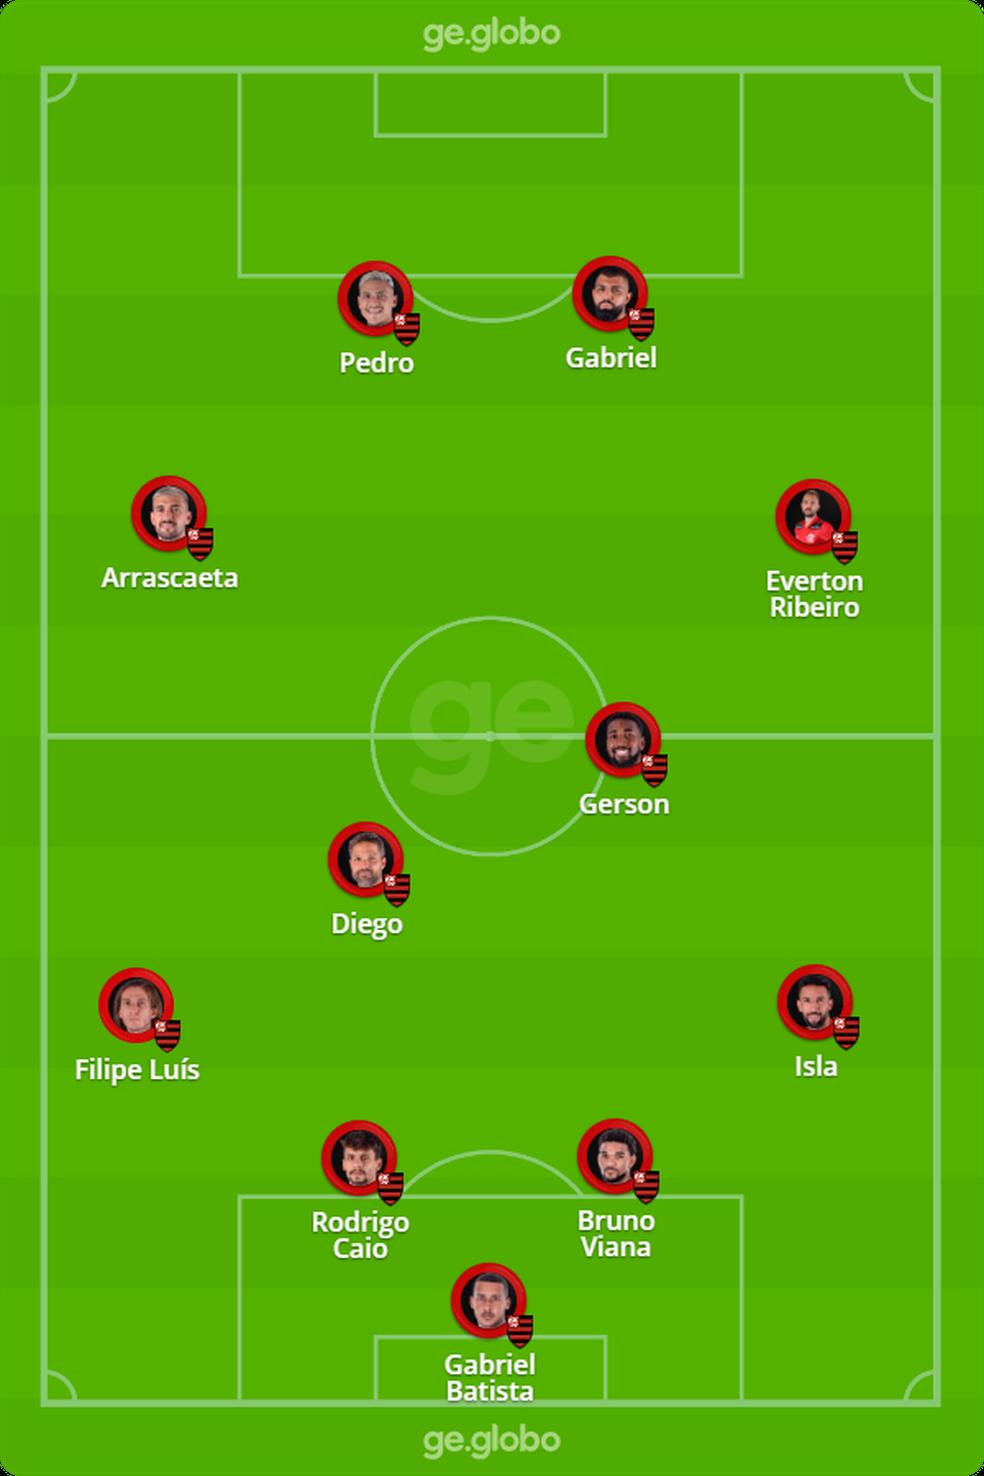 Provável escalação do Flamengo para enfrentar o Vélez — Foto: ge